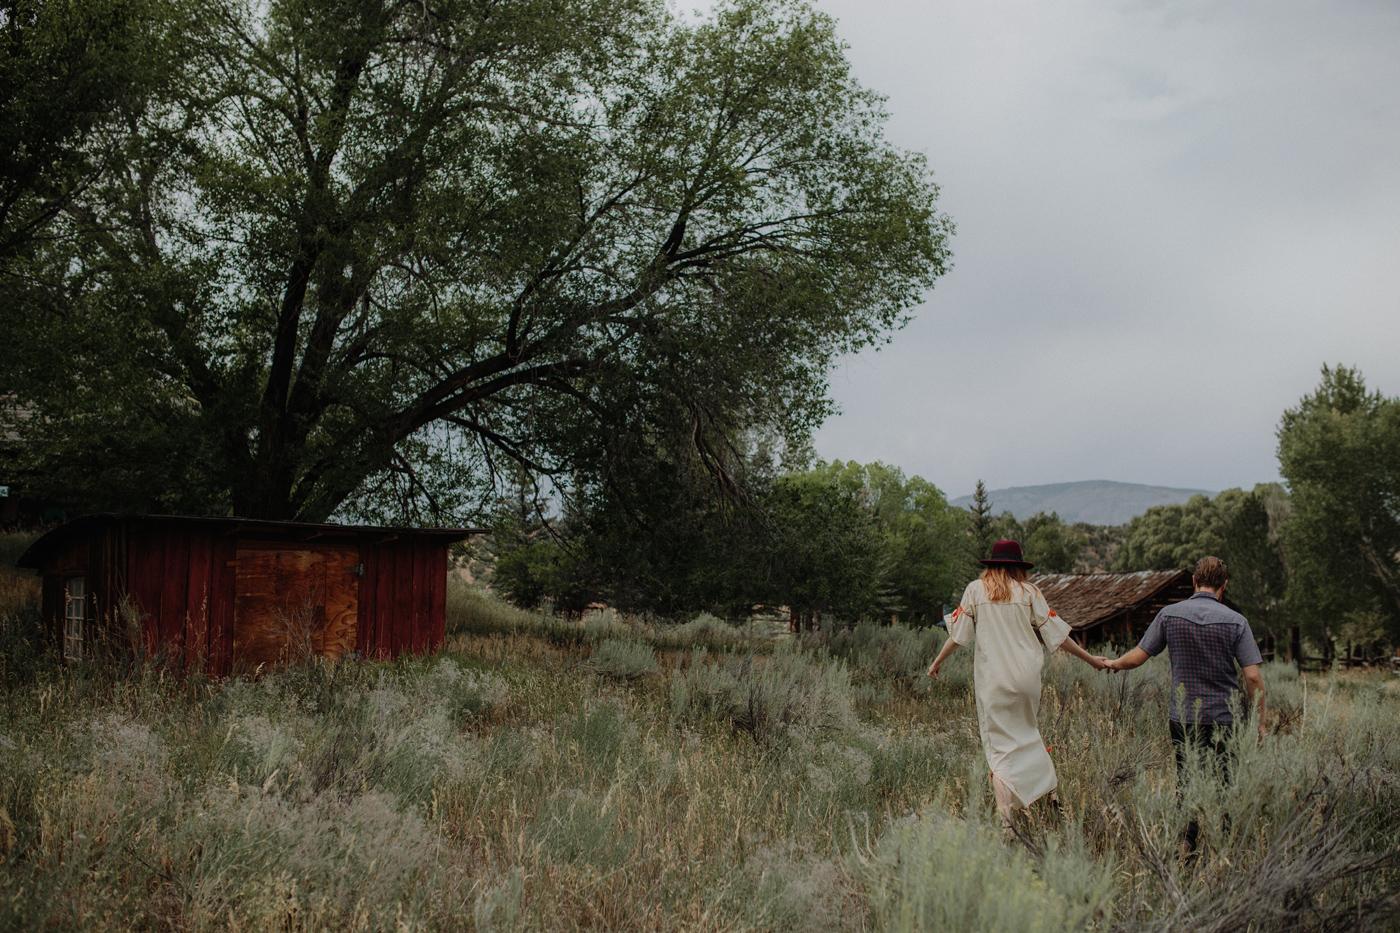 006-jones-max-colorado-ranch-engagement-photos.jpg